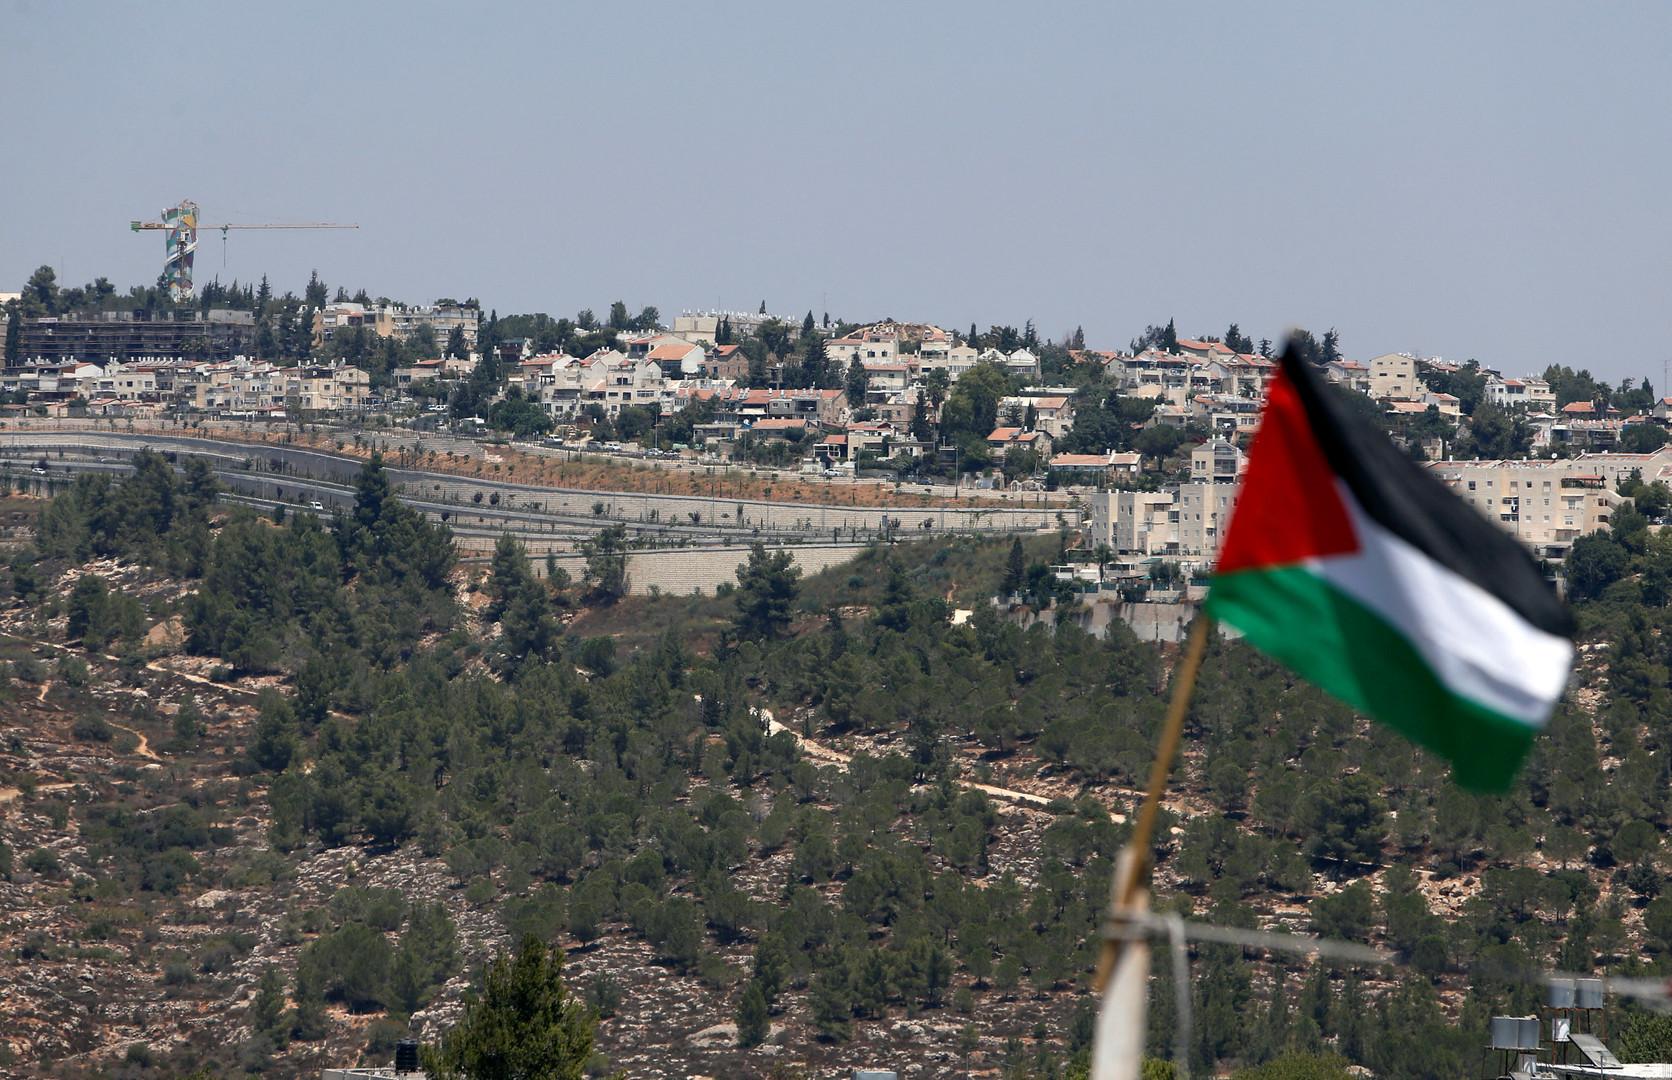 الأراضي الفلسطينية تعطل مؤتمرا شبابيا دعت واشنطن لعقده في رام الله